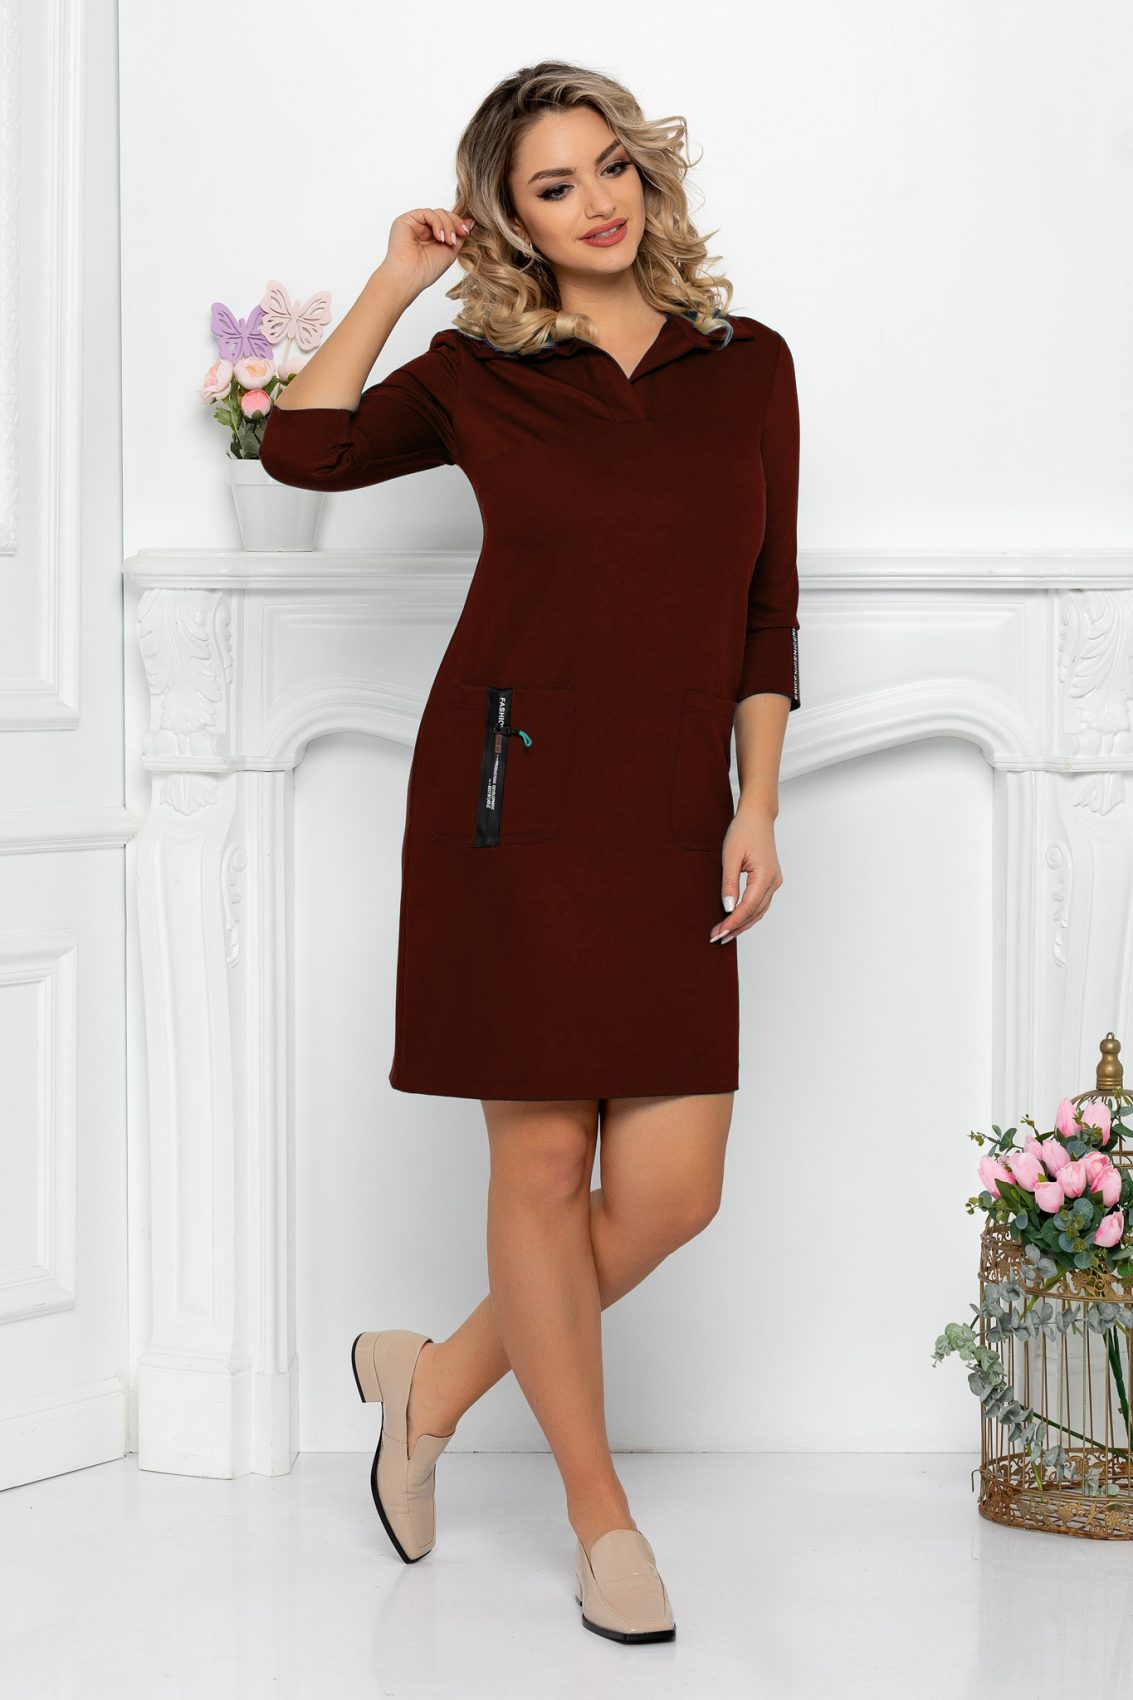 Καφέ Φόρεμα Με Τσέπες Aria 9480 1